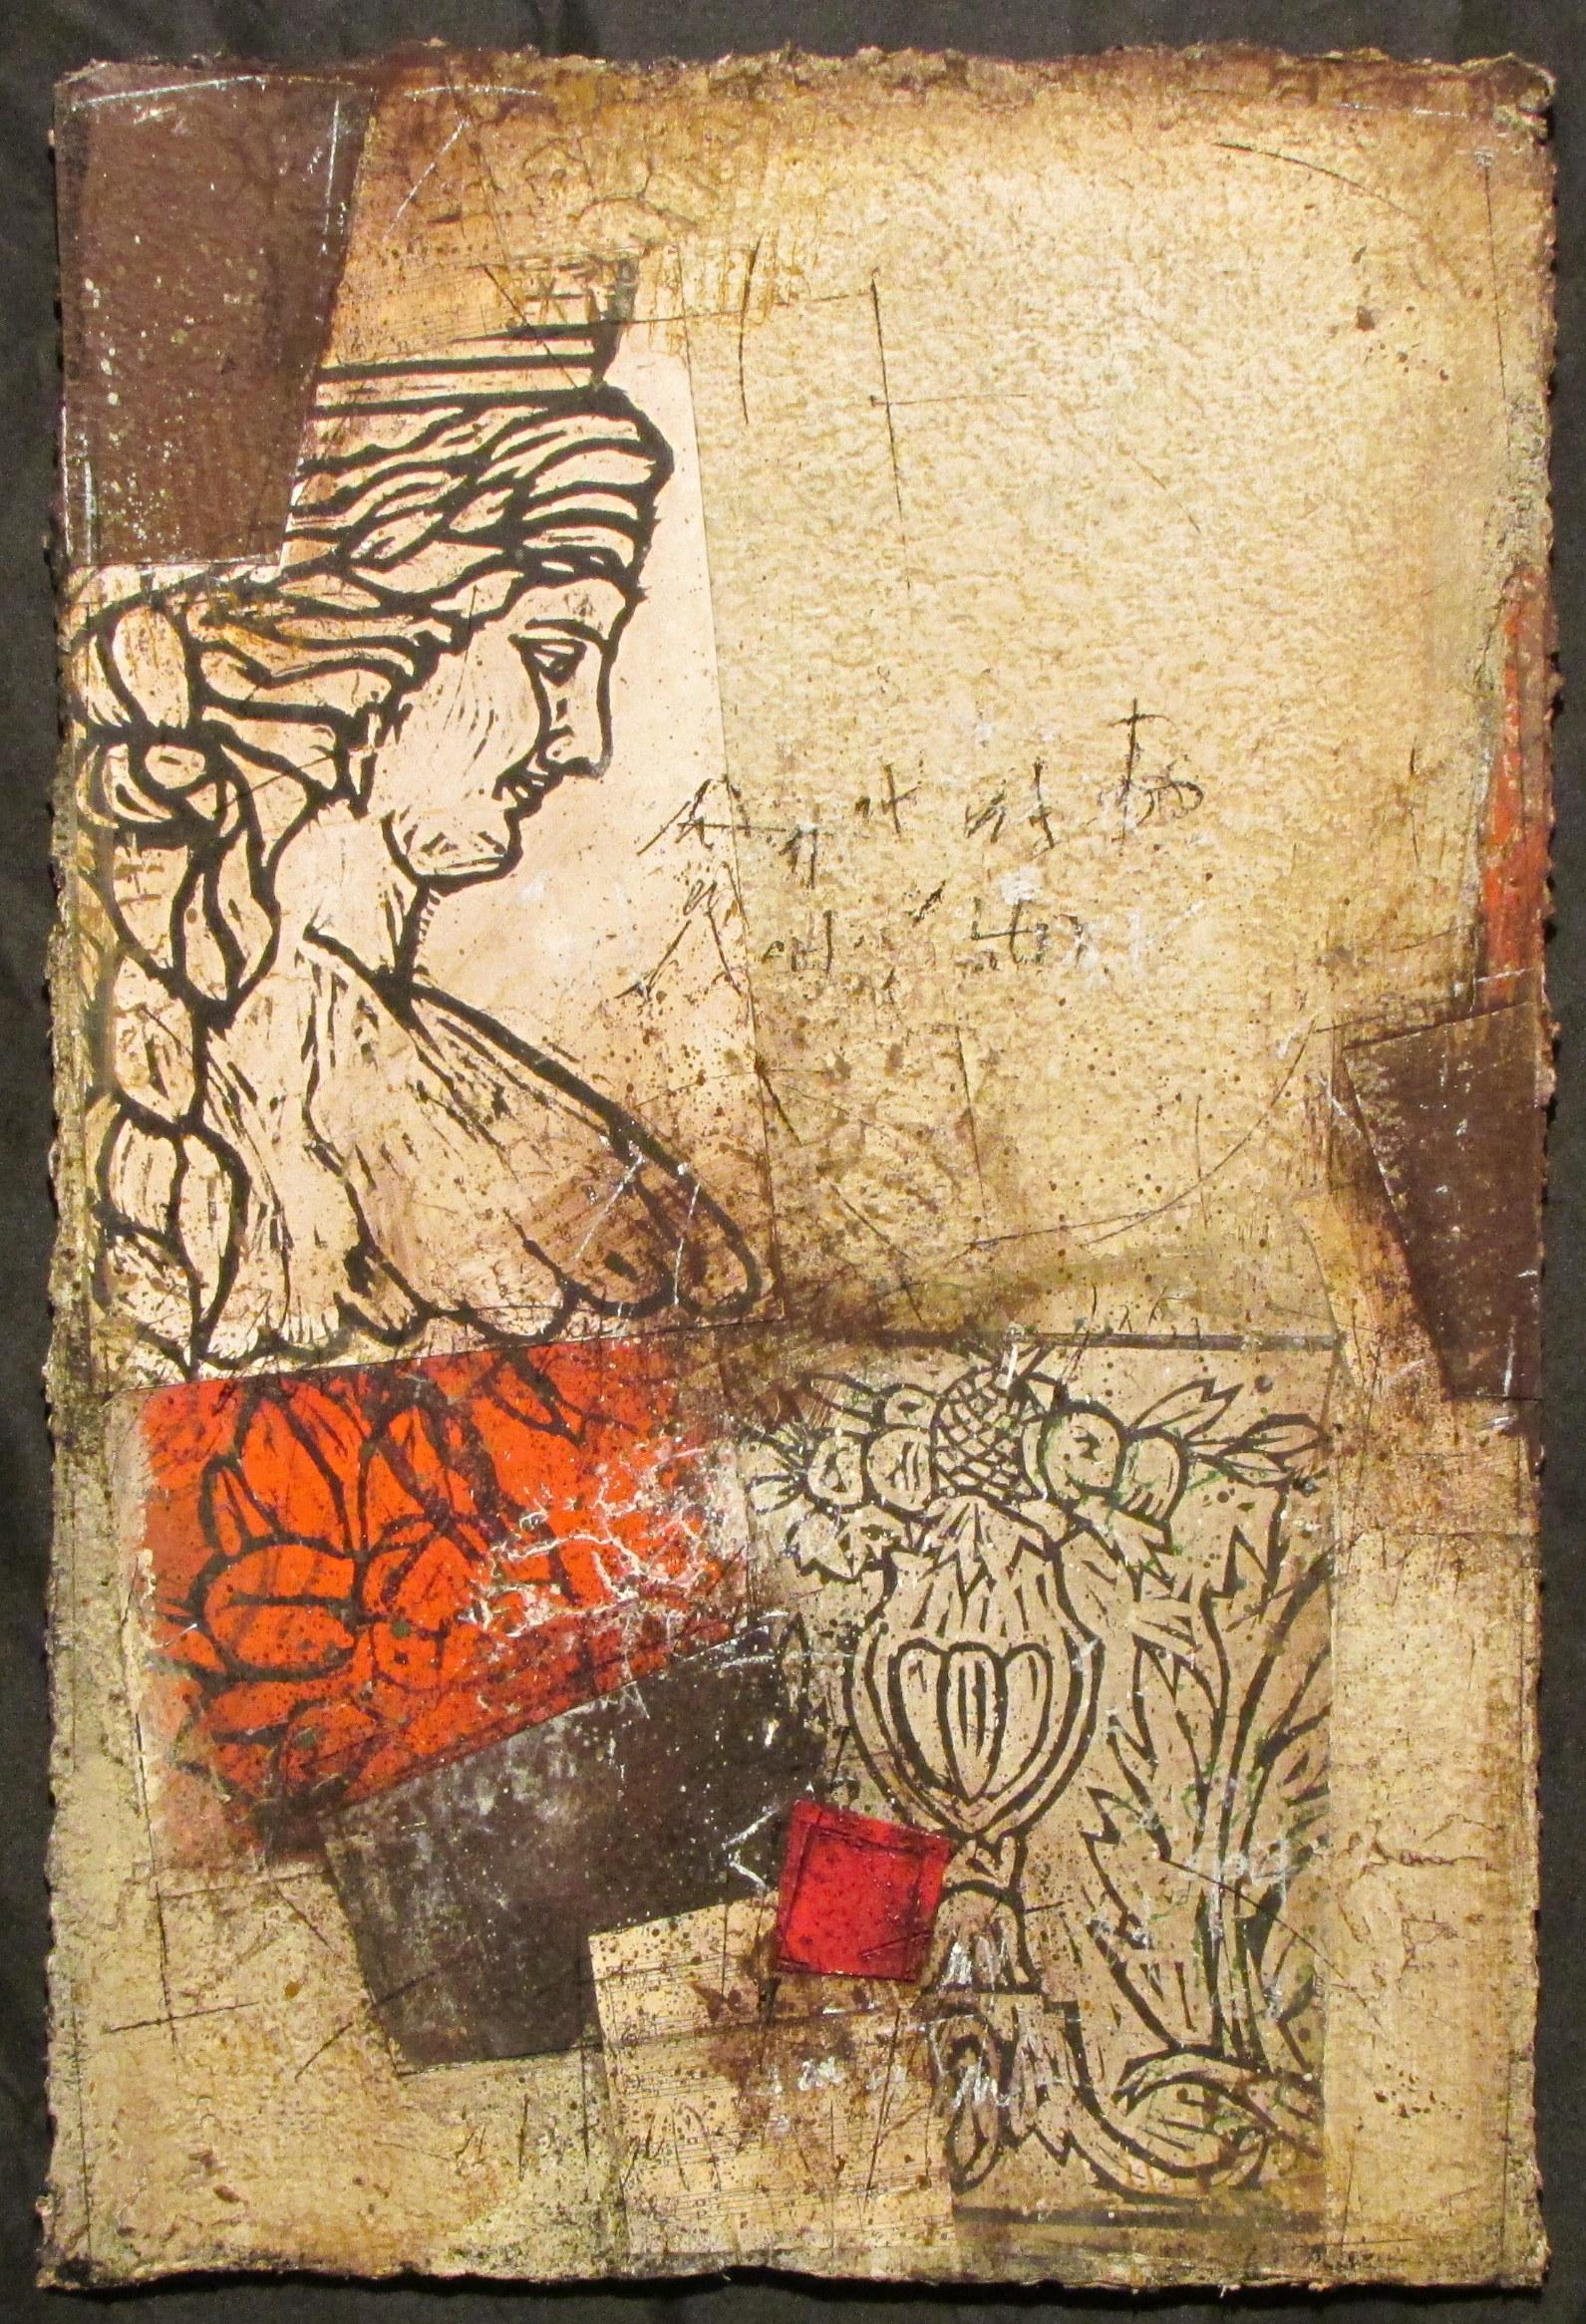 0014_Hommage_à_Verdi__n°_XIV_(60x40cm)